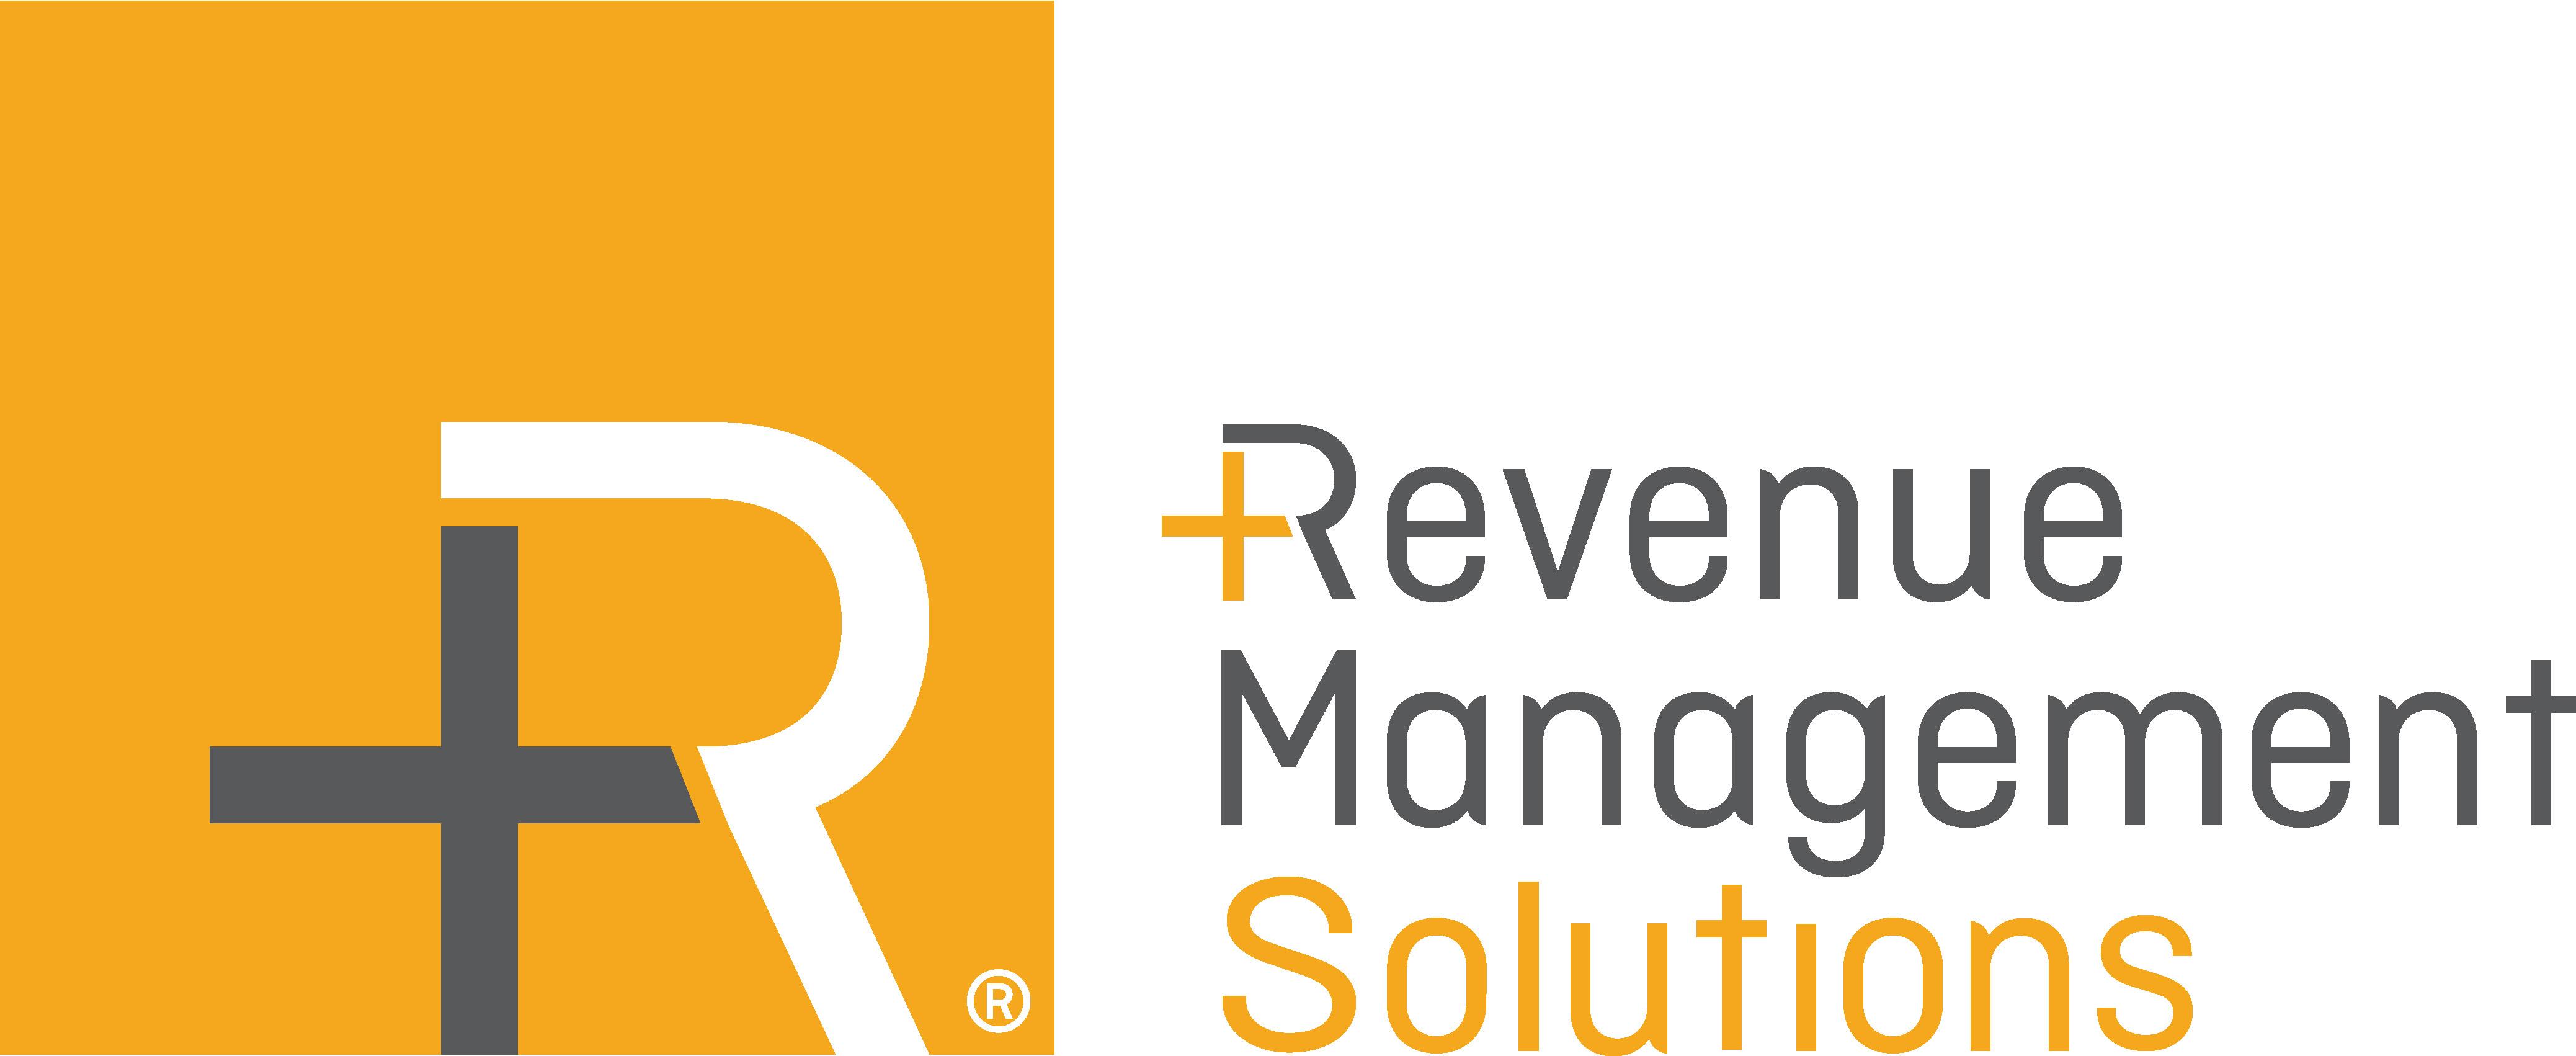 Revenue Management Solutions, LLC (RMS)